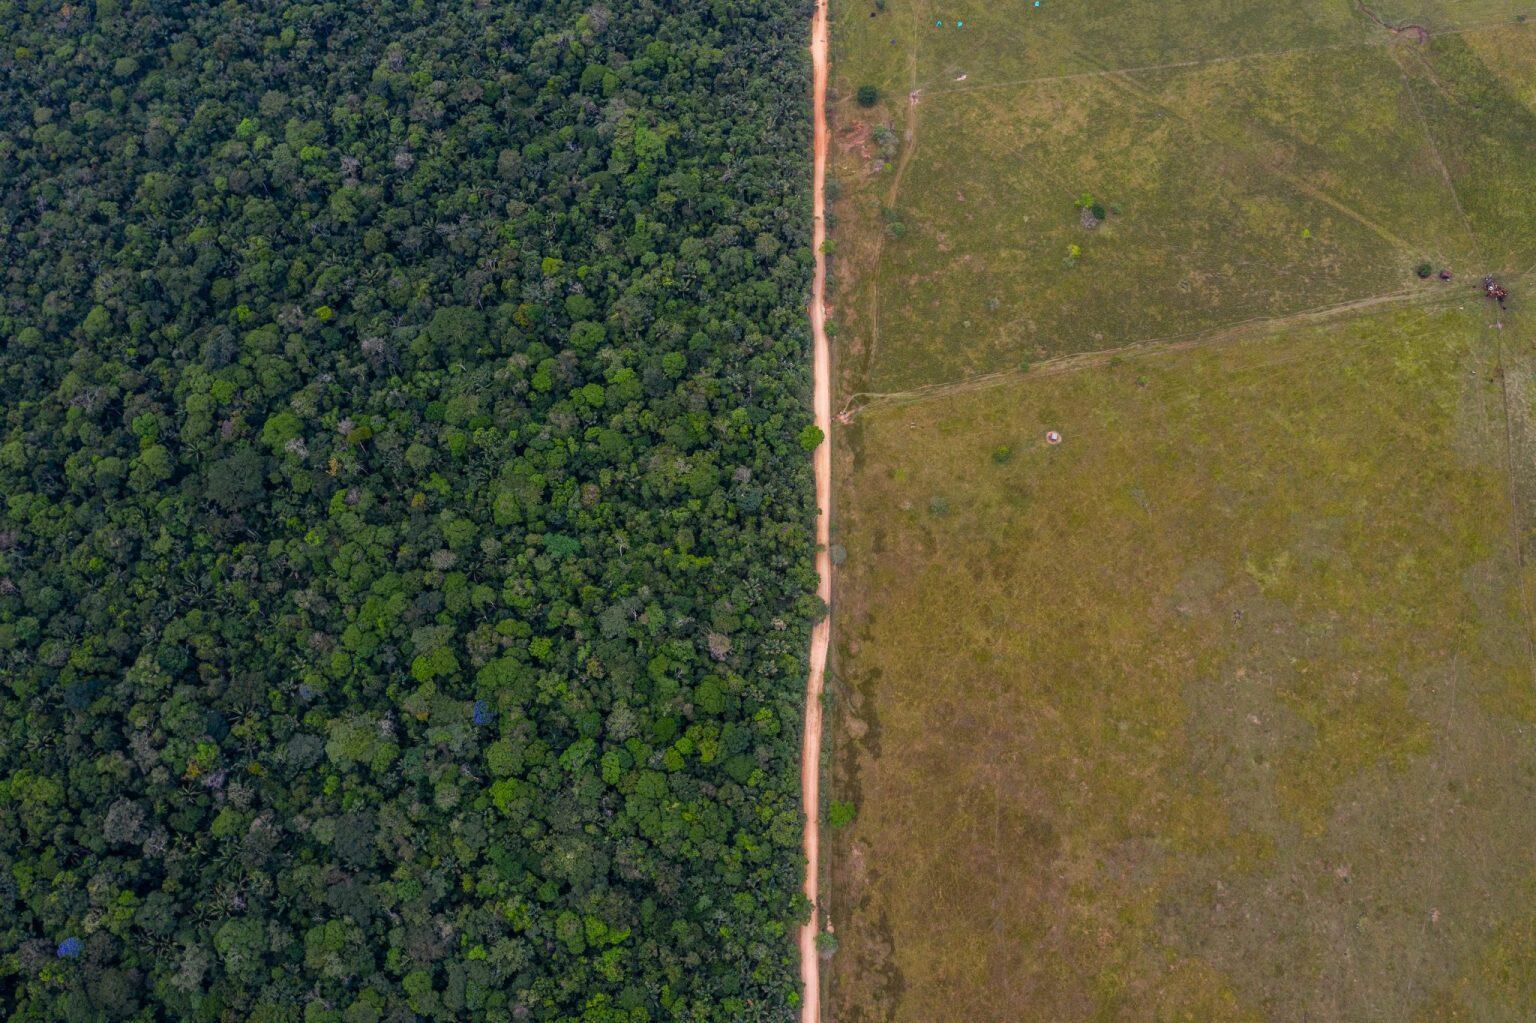 La geometría de la deforestación: una carretera entre los poblados de los pozos y San Juan de Lozada, en Caquetá, marca la división entre selva y potrero, entre el mundo salvaje y la 'civilización', que cada día gana terreno para generar tierras para la ganadería. Las carreteras son la punta de lanza de talas masivas, como lo ha sido la vía ilegal de 138 kilómetros entre Miraflores y Calamar, en Guaviare.